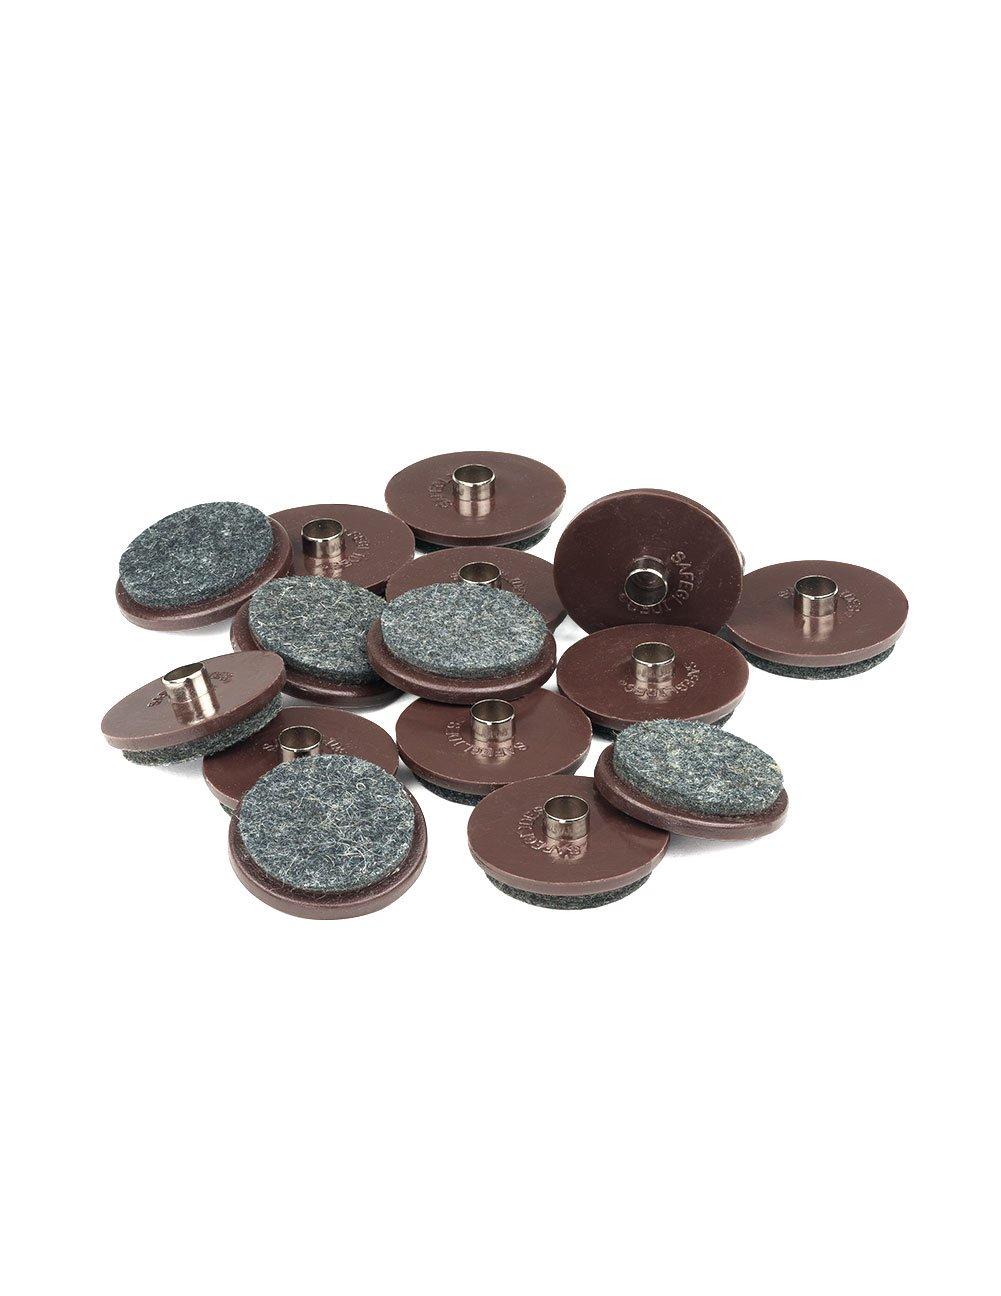 1 1/2 INCH DIAMETER FELT GLIDER - BROWN, 8 PIECE PACK